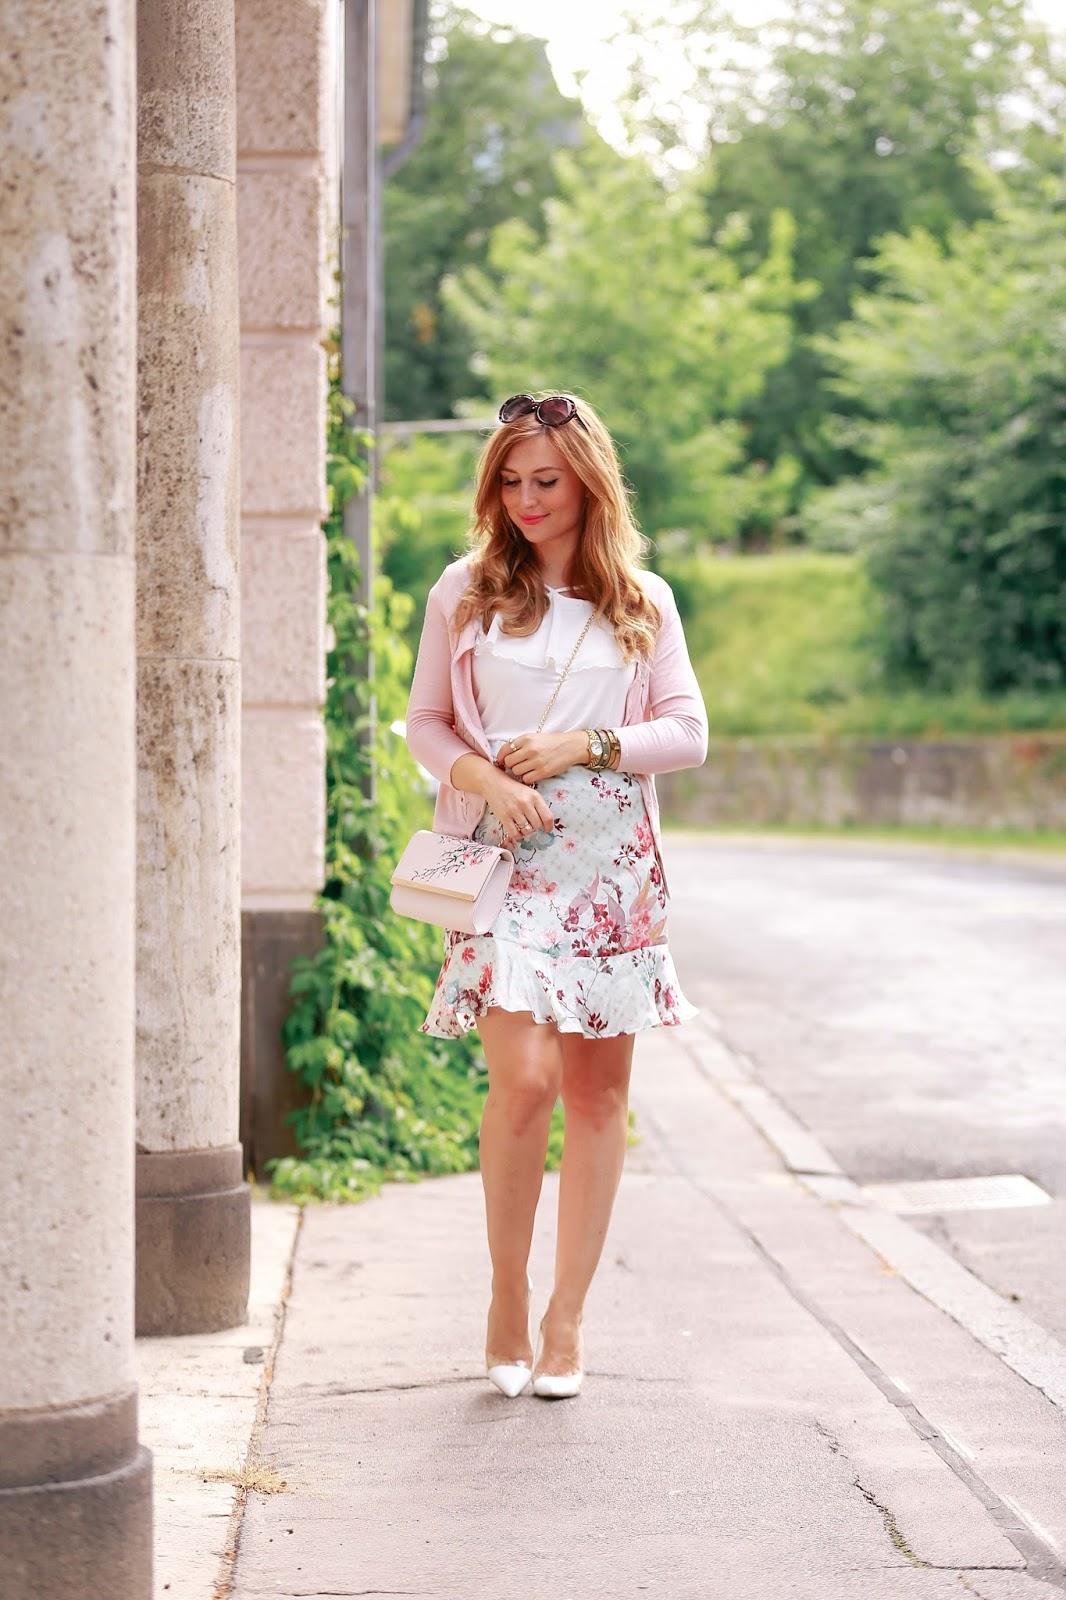 Fashionstylebyjohanna-Blumenkleid-von-Orsay-Deutsche-Fashionbloggerin